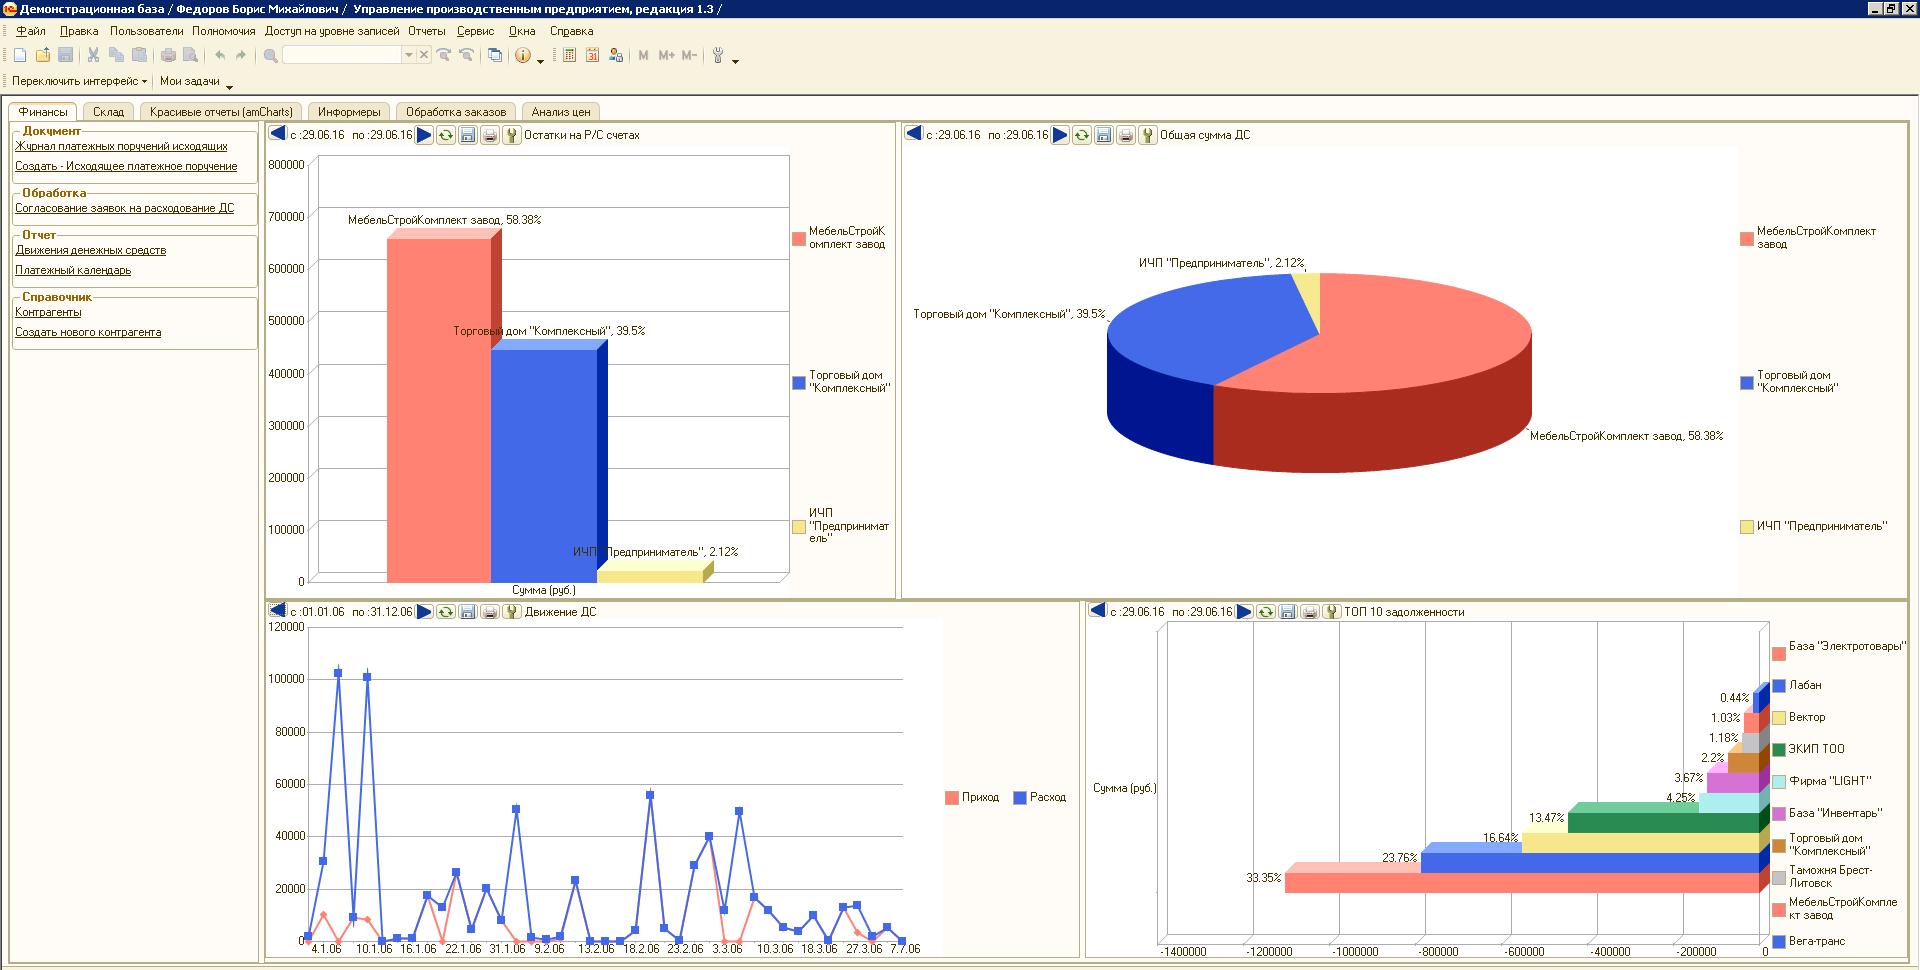 один картинки отчетности в графиках нашим сервисом